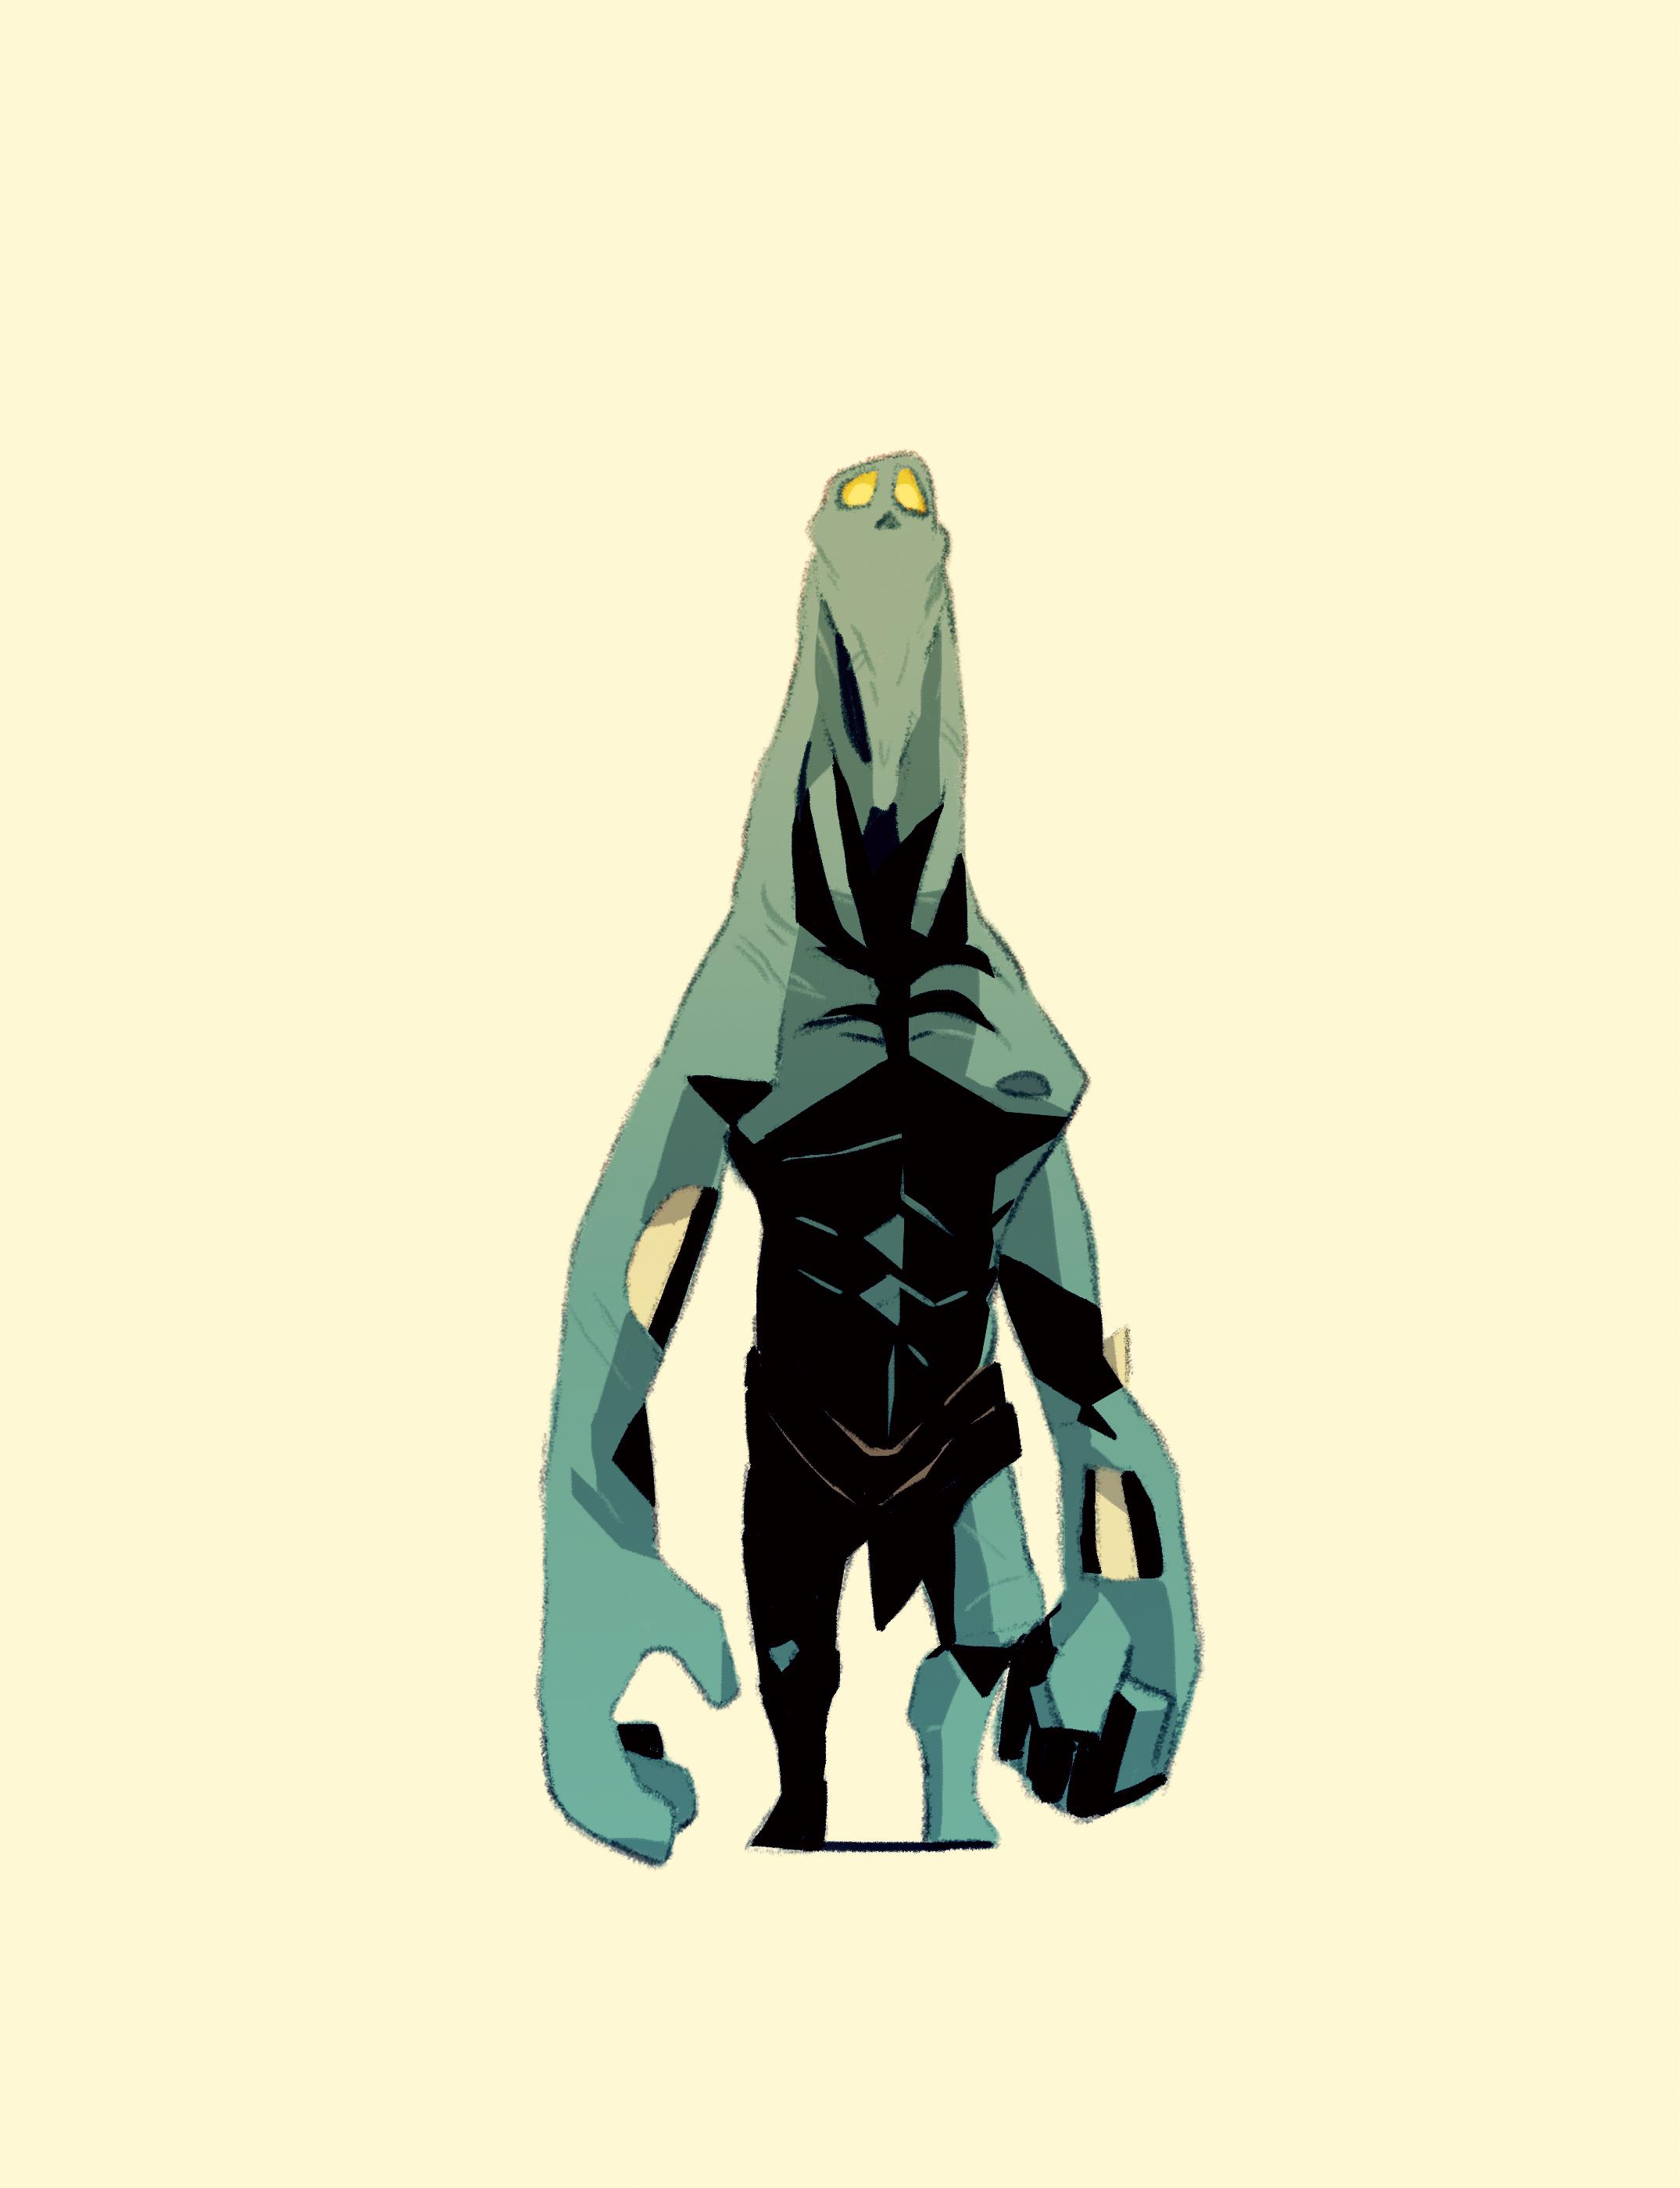 Brute Ghoul